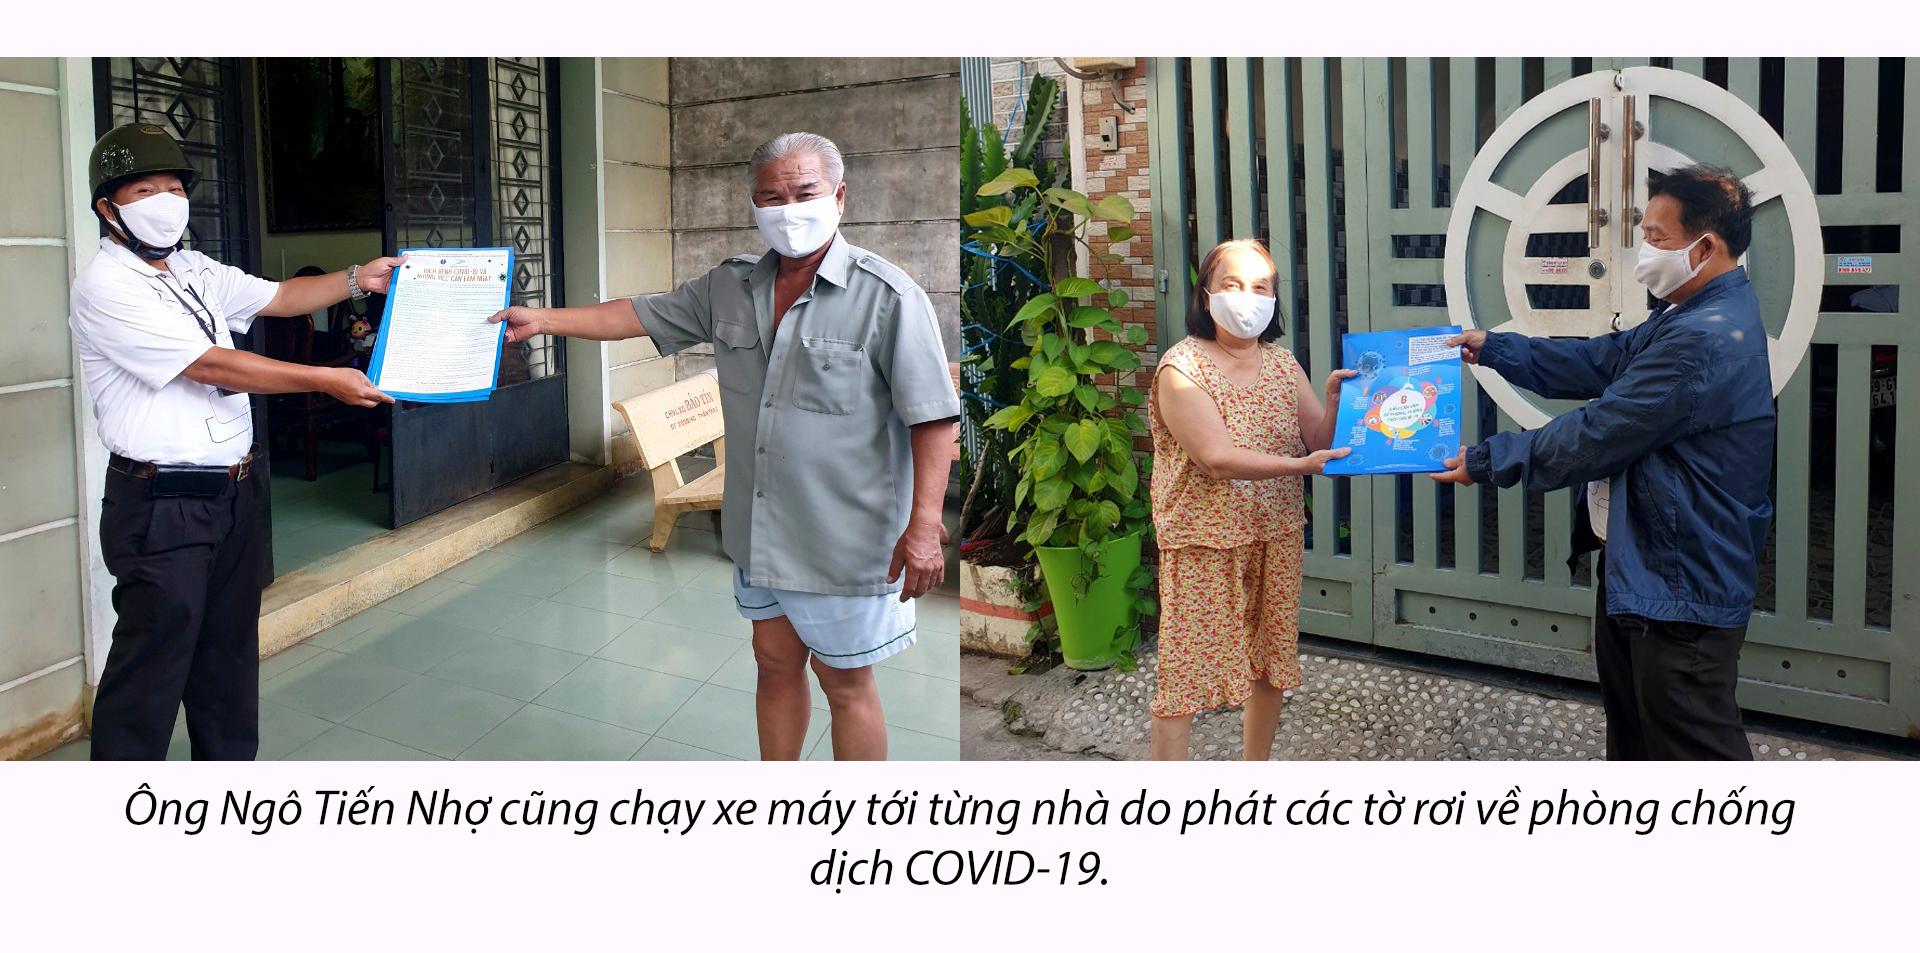 Cuộc chiến chống COVID-19: Trải lòng của cán bộ khu phố - ảnh 14